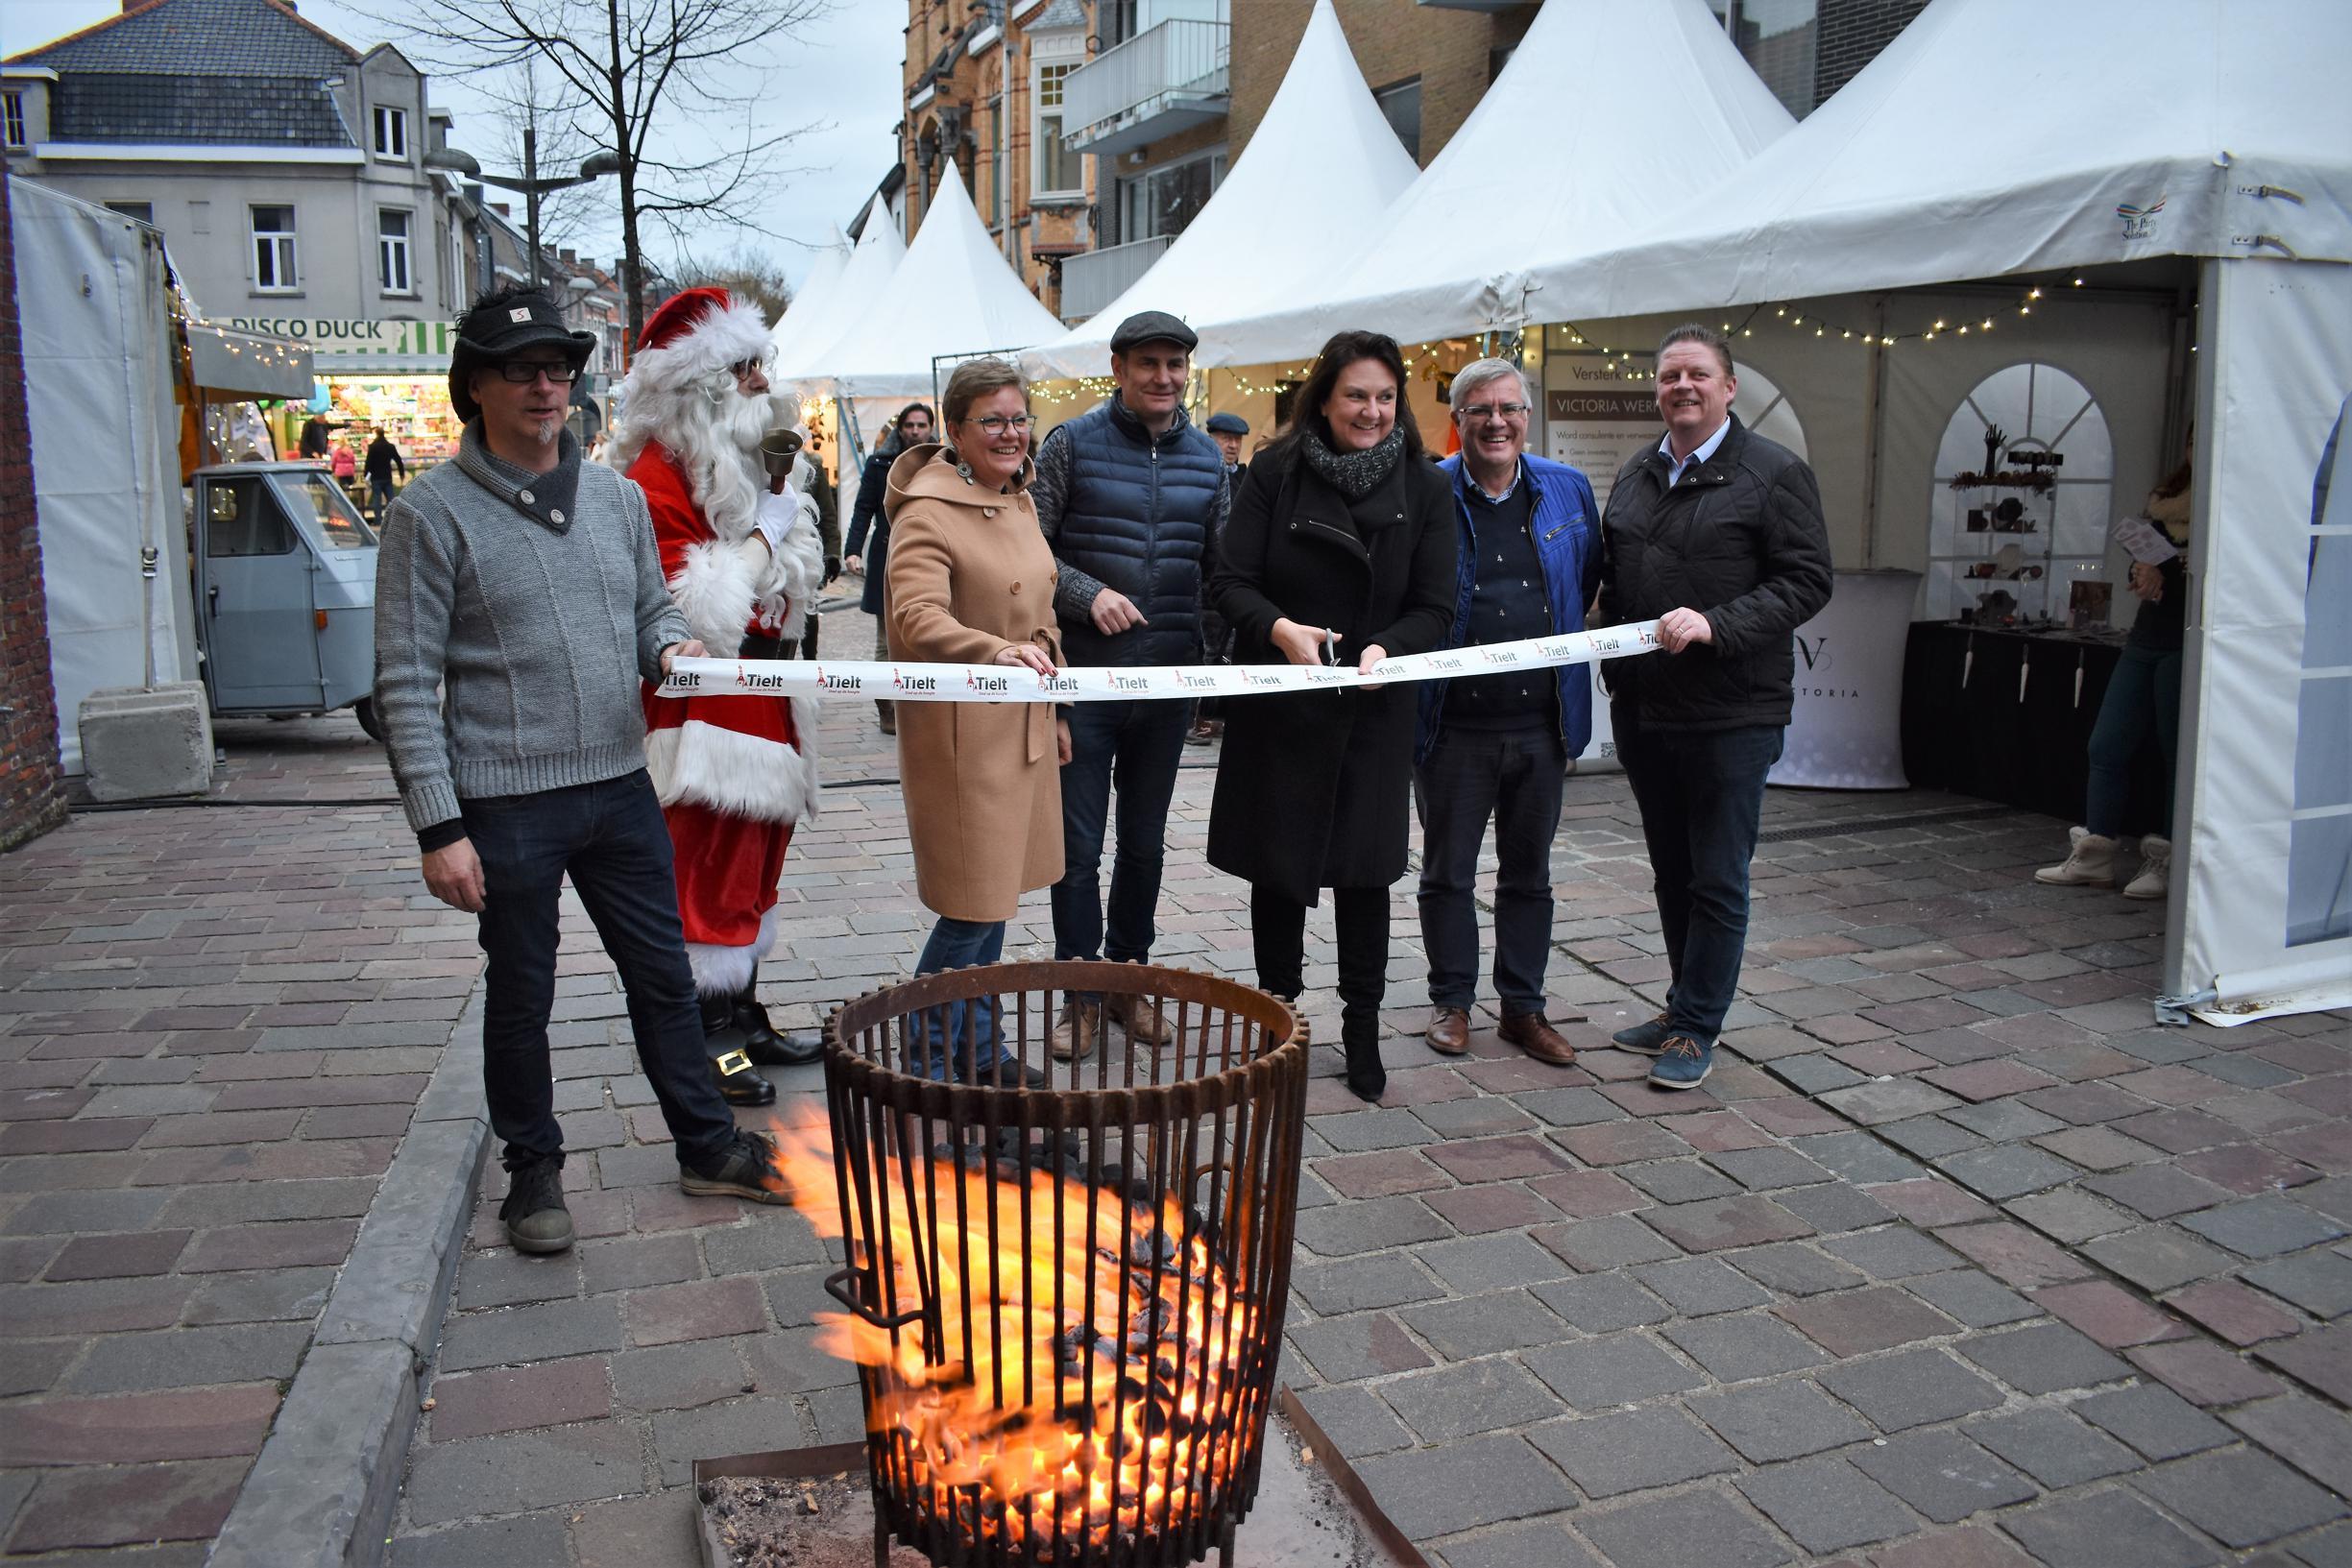 Kerstmarkt verhuist van Tramstraat naar de Markt